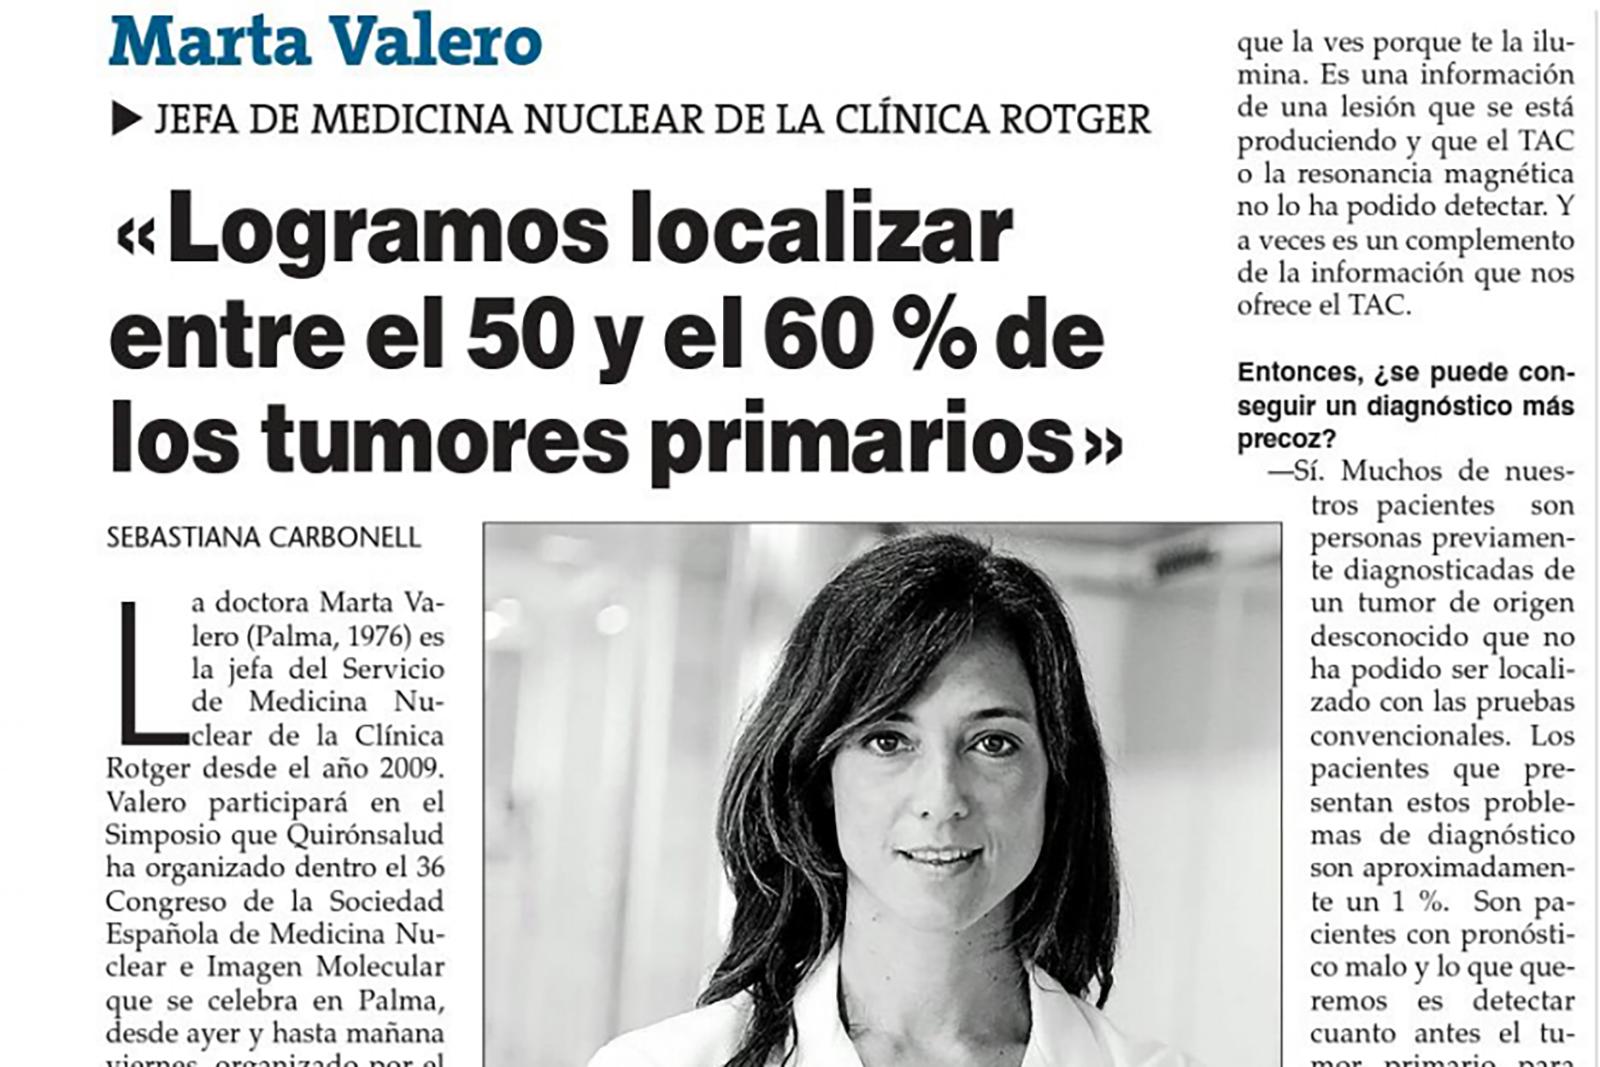 Logramos localizar entre el 50 y el 60% de los tumores primarios.